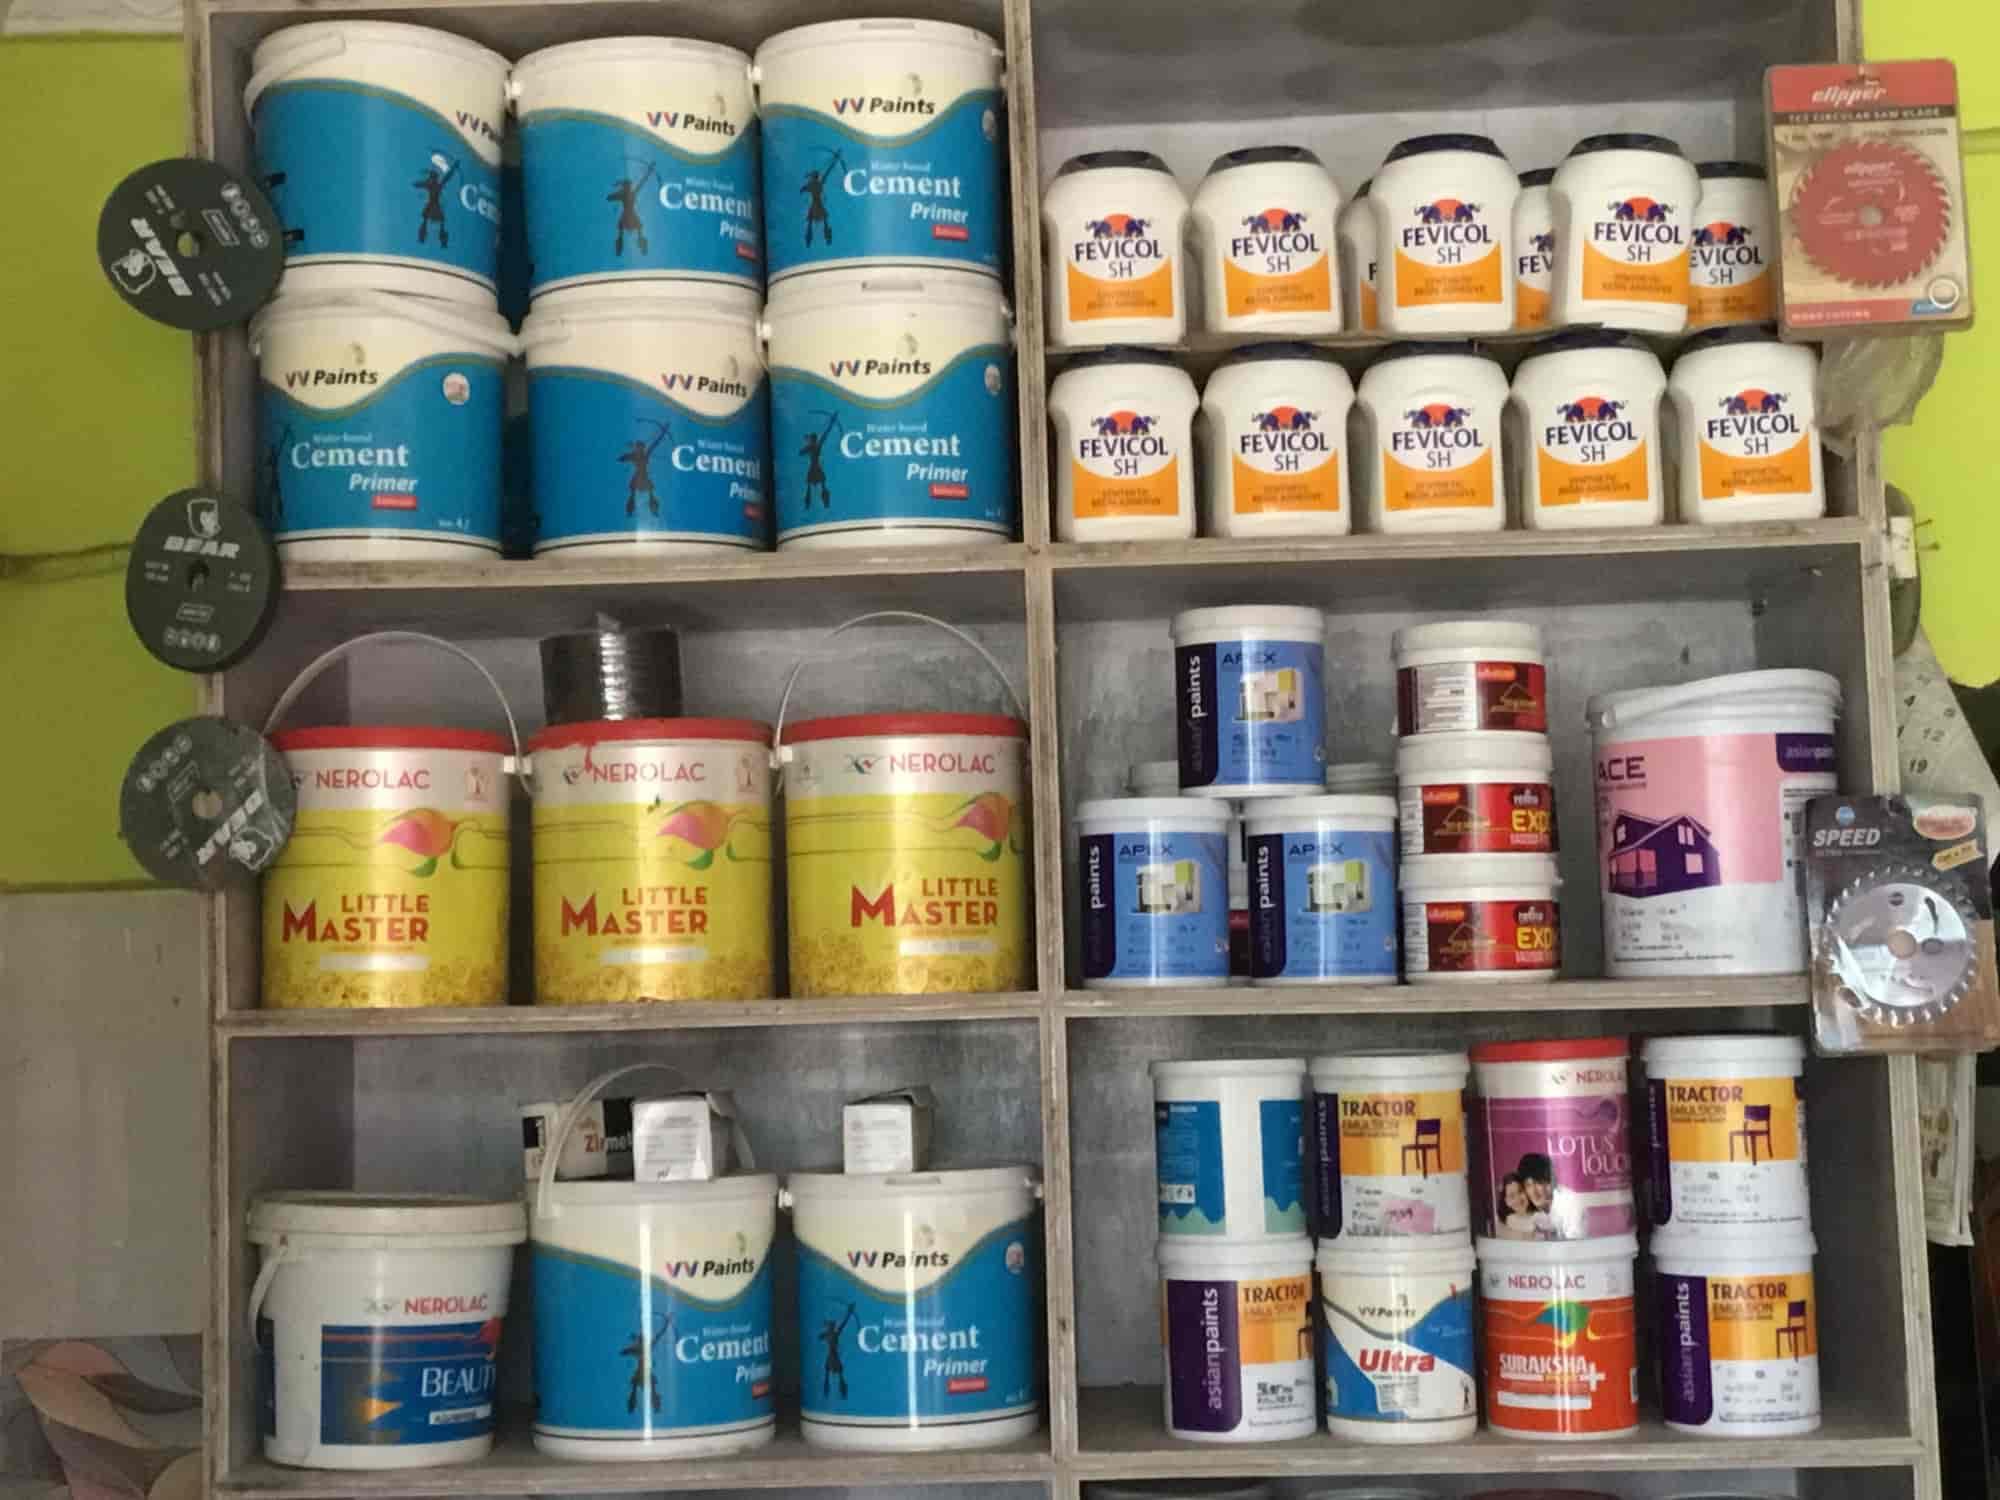 Kalyani Hardware And Paints, Desaipet - Hardware Shops in